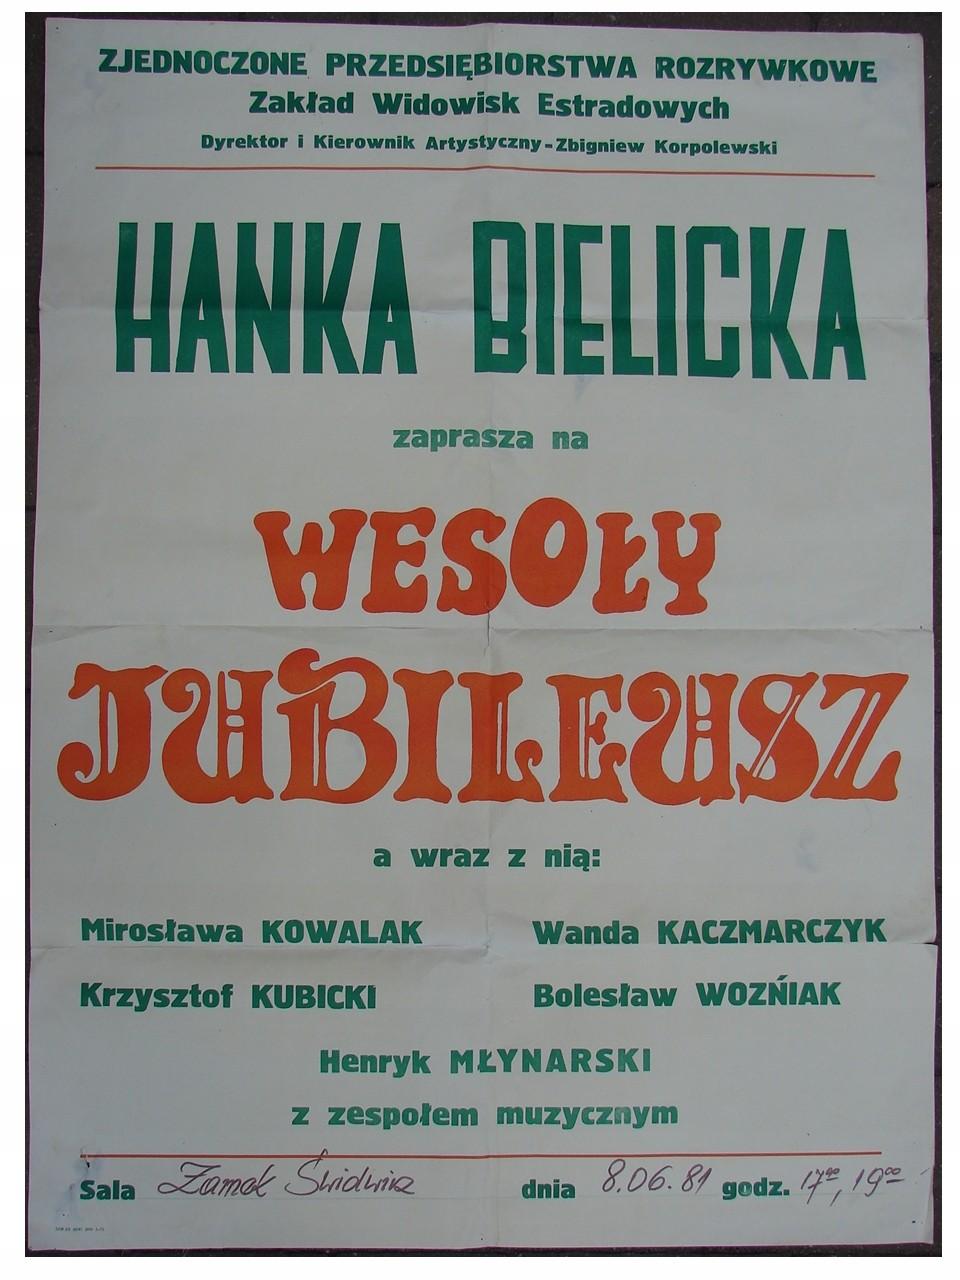 Stary Plakat Afisz Estradowy świdwin Zamek 1981rok